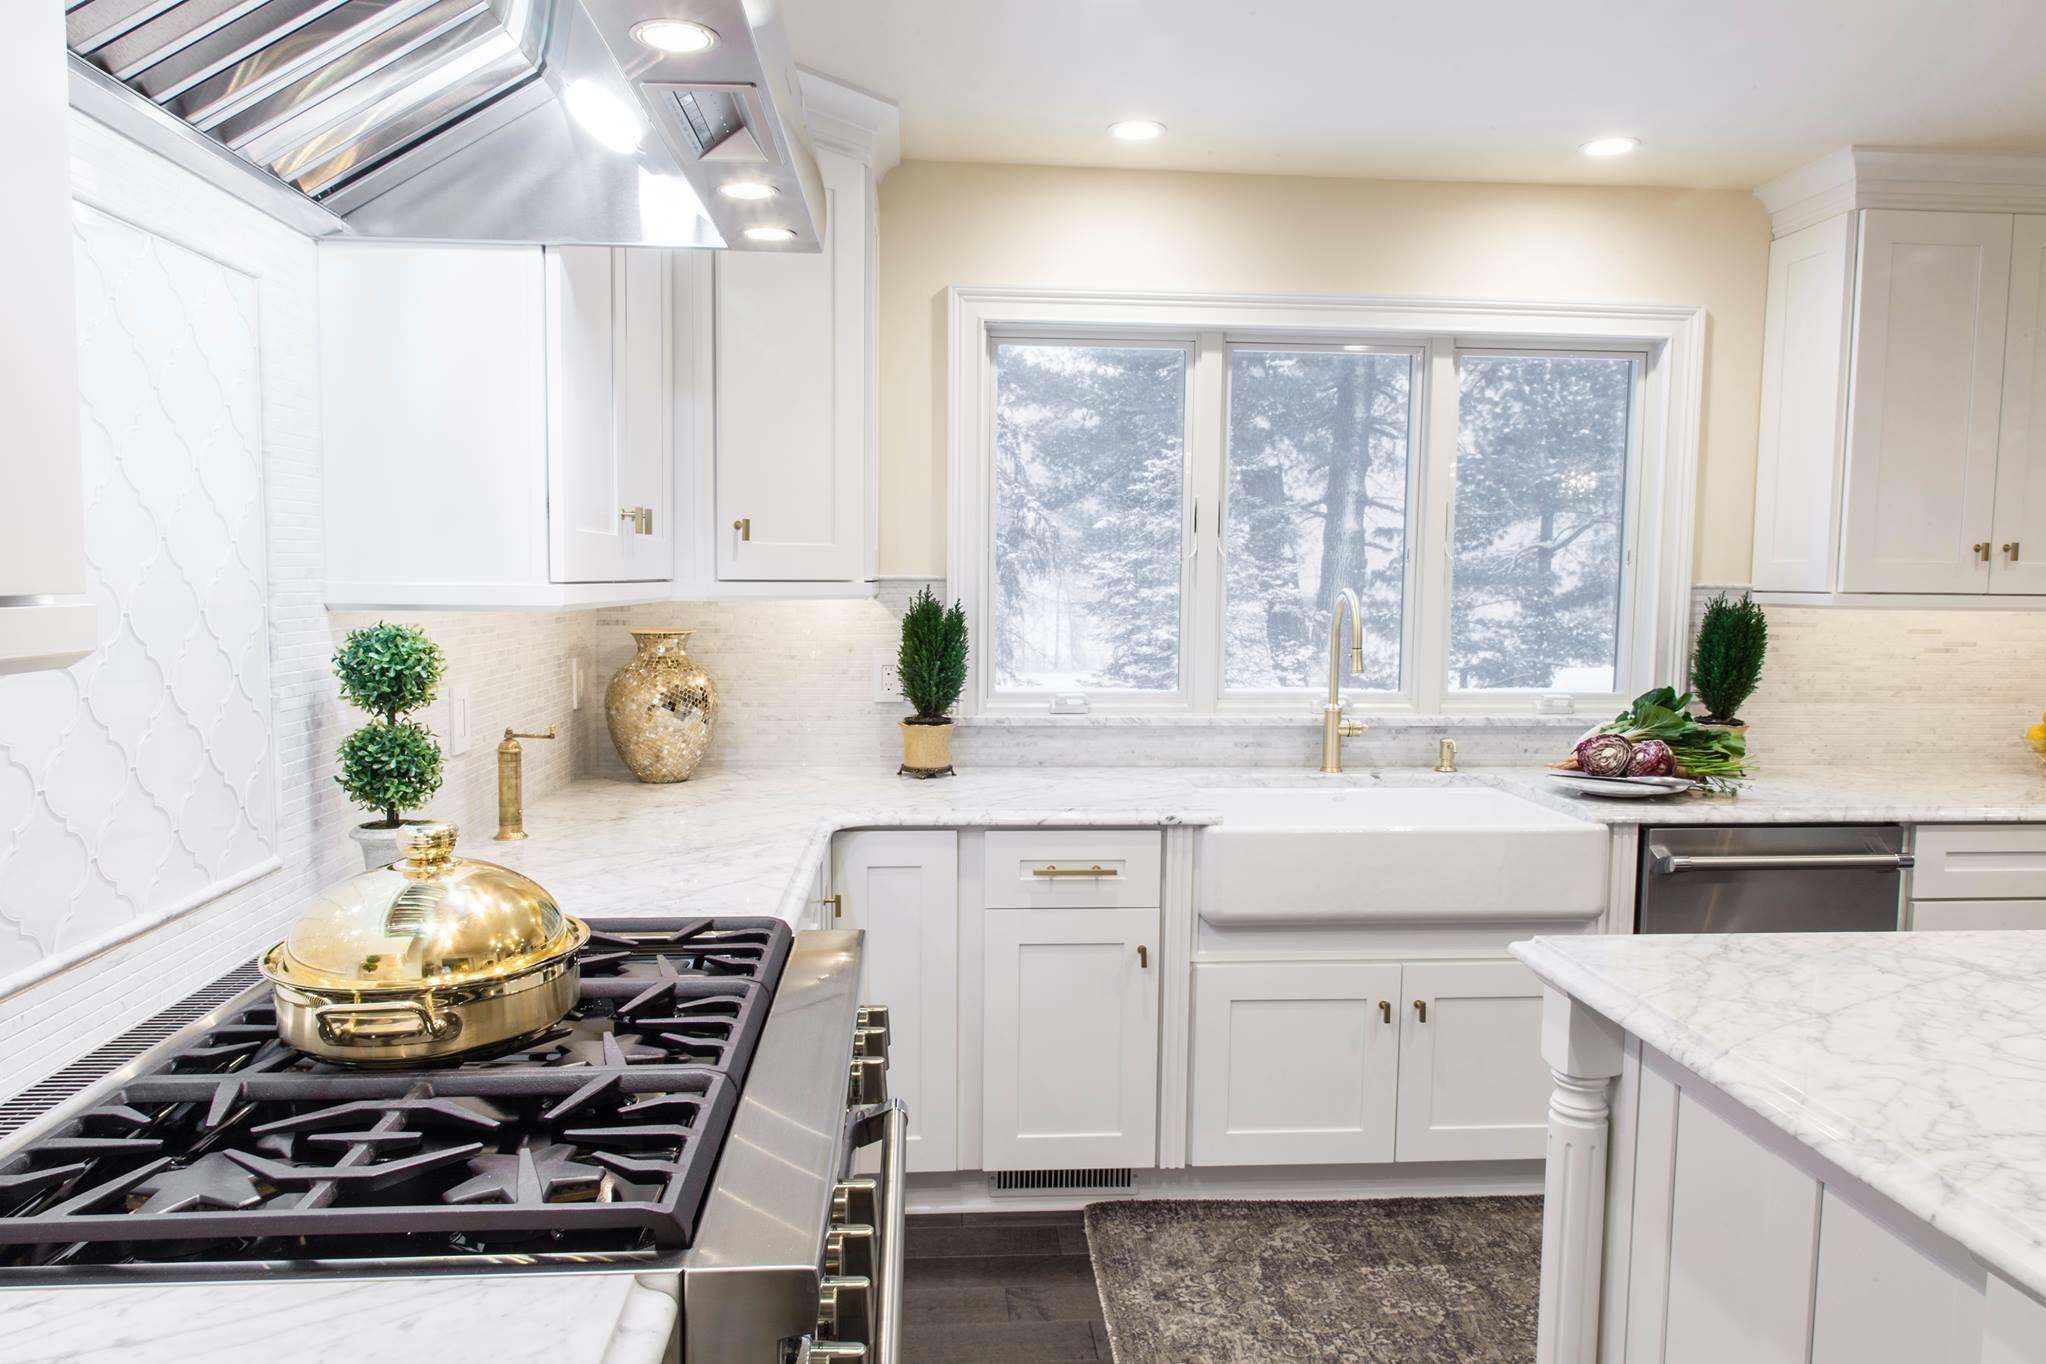 kitchen design trends to watch in white kitchen designs Modern White Kitchen